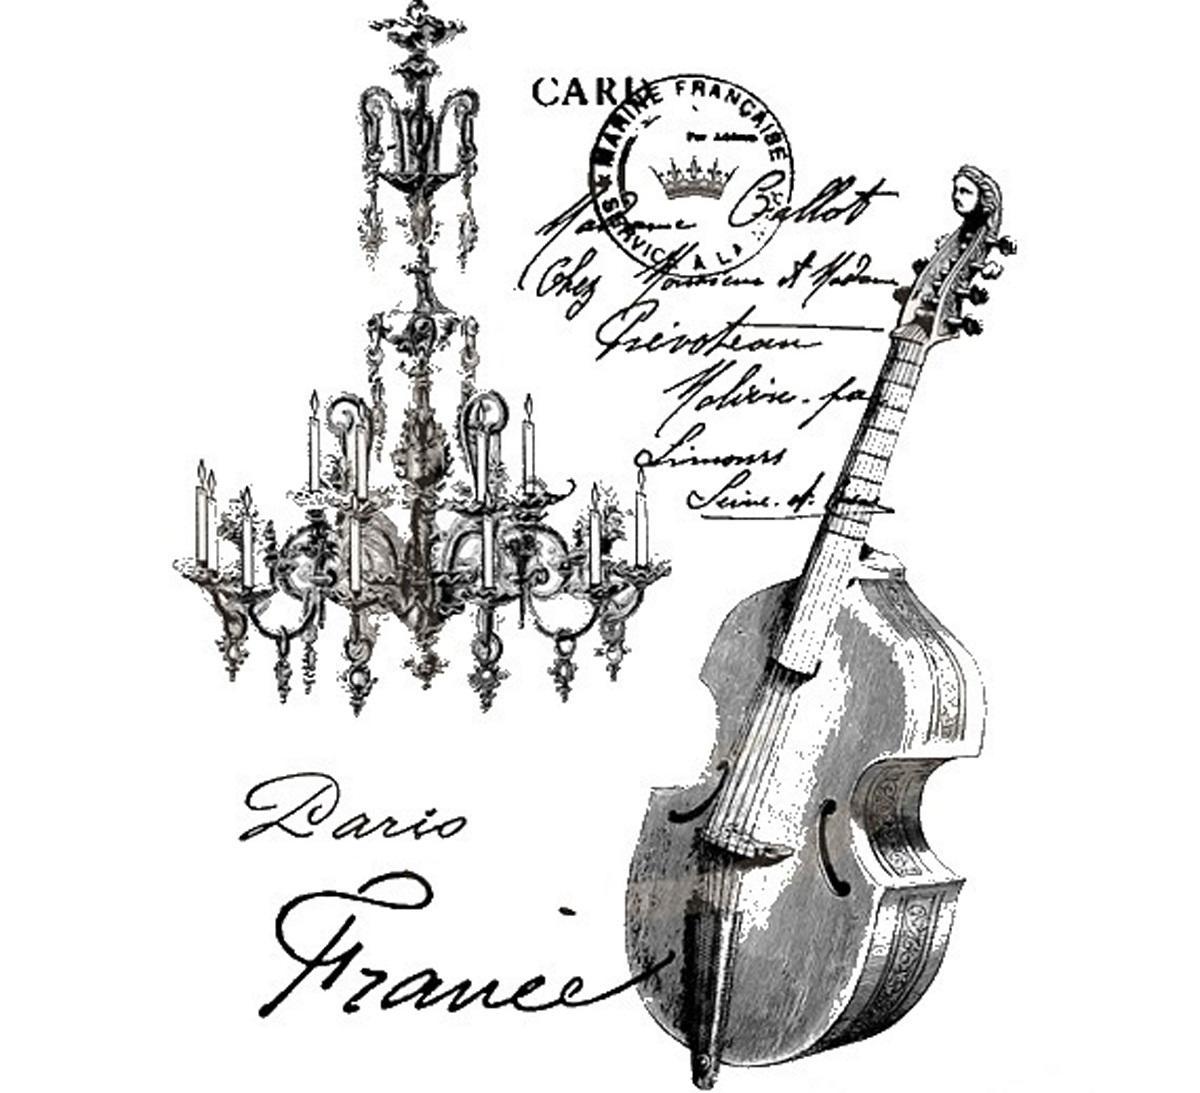 Декупаж с изображением музыкального инструмента является отличным подарком для любителей музыки